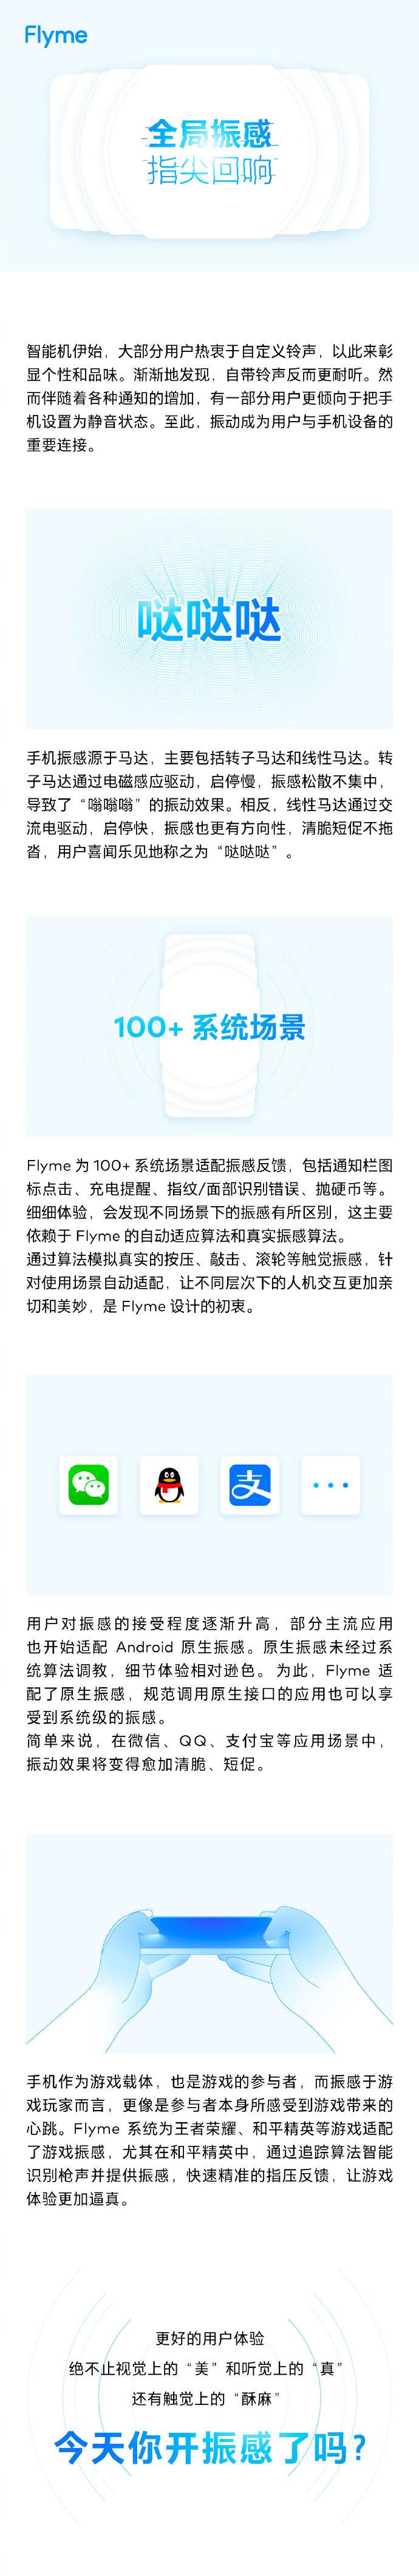 魅族Flyme:发布有关「全局振感」的干货文章